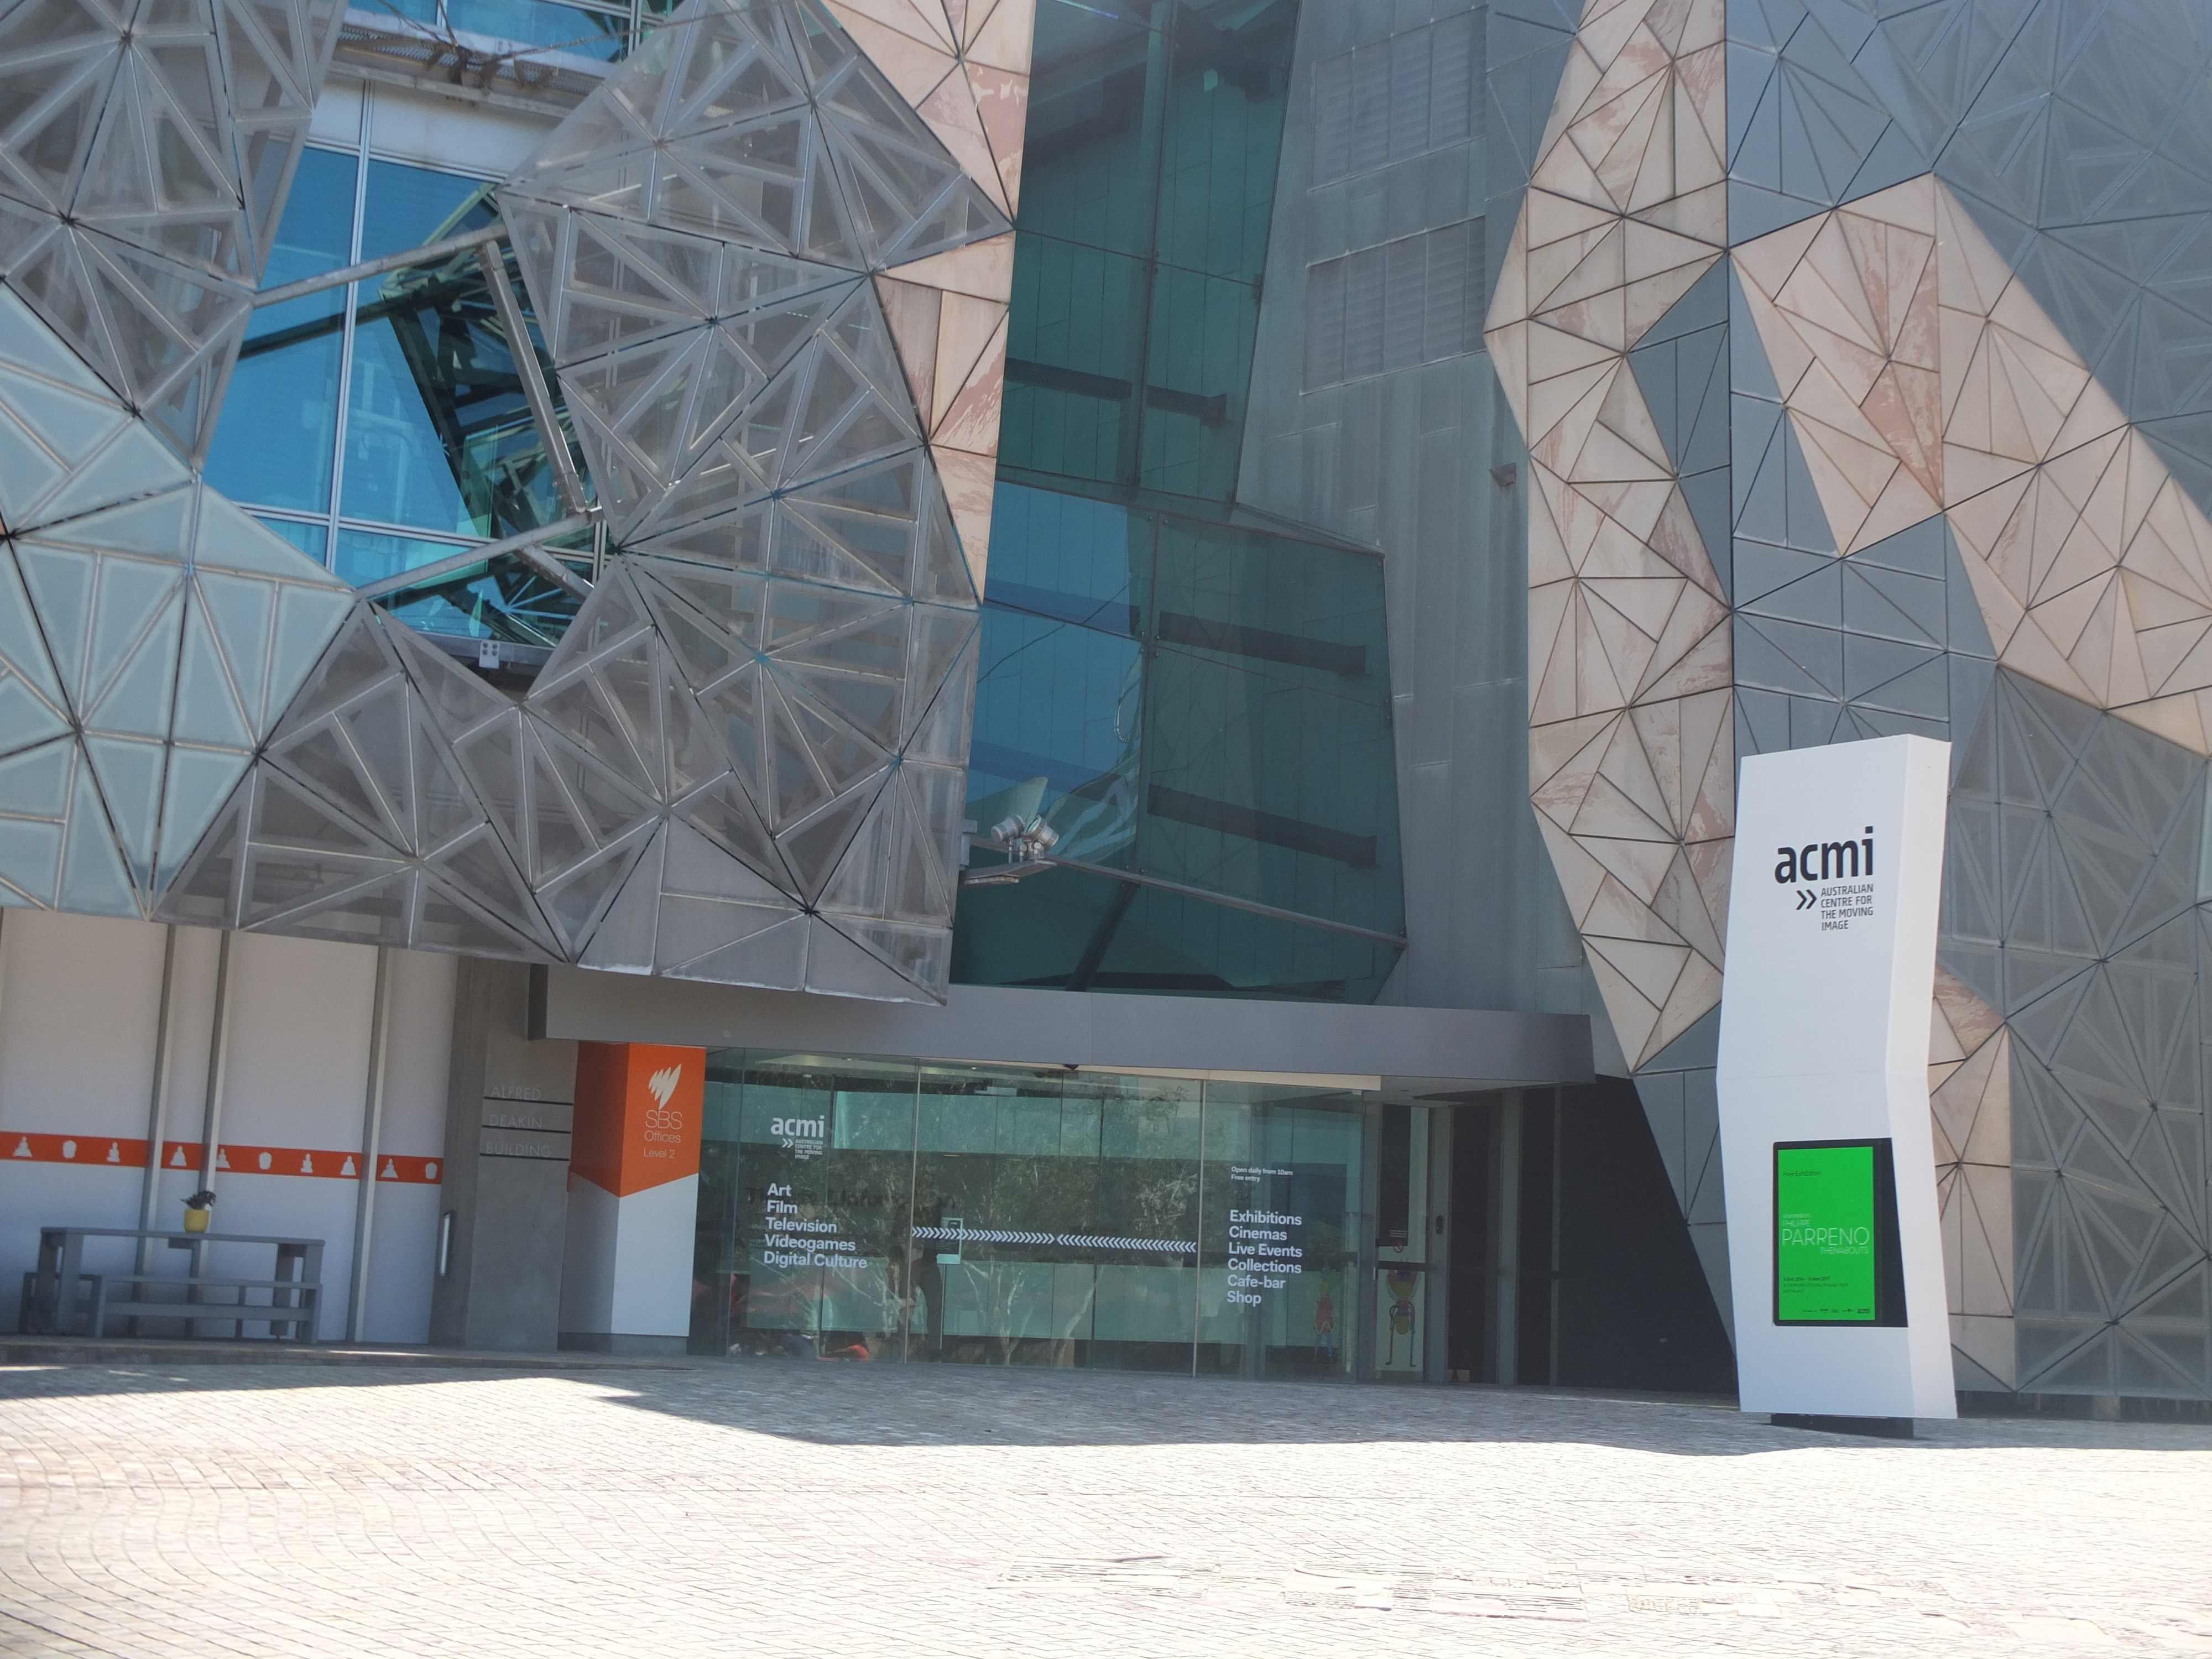 3.ACMI  1024x768 - 5 Ways to Enjoy Melbourne on a Budget